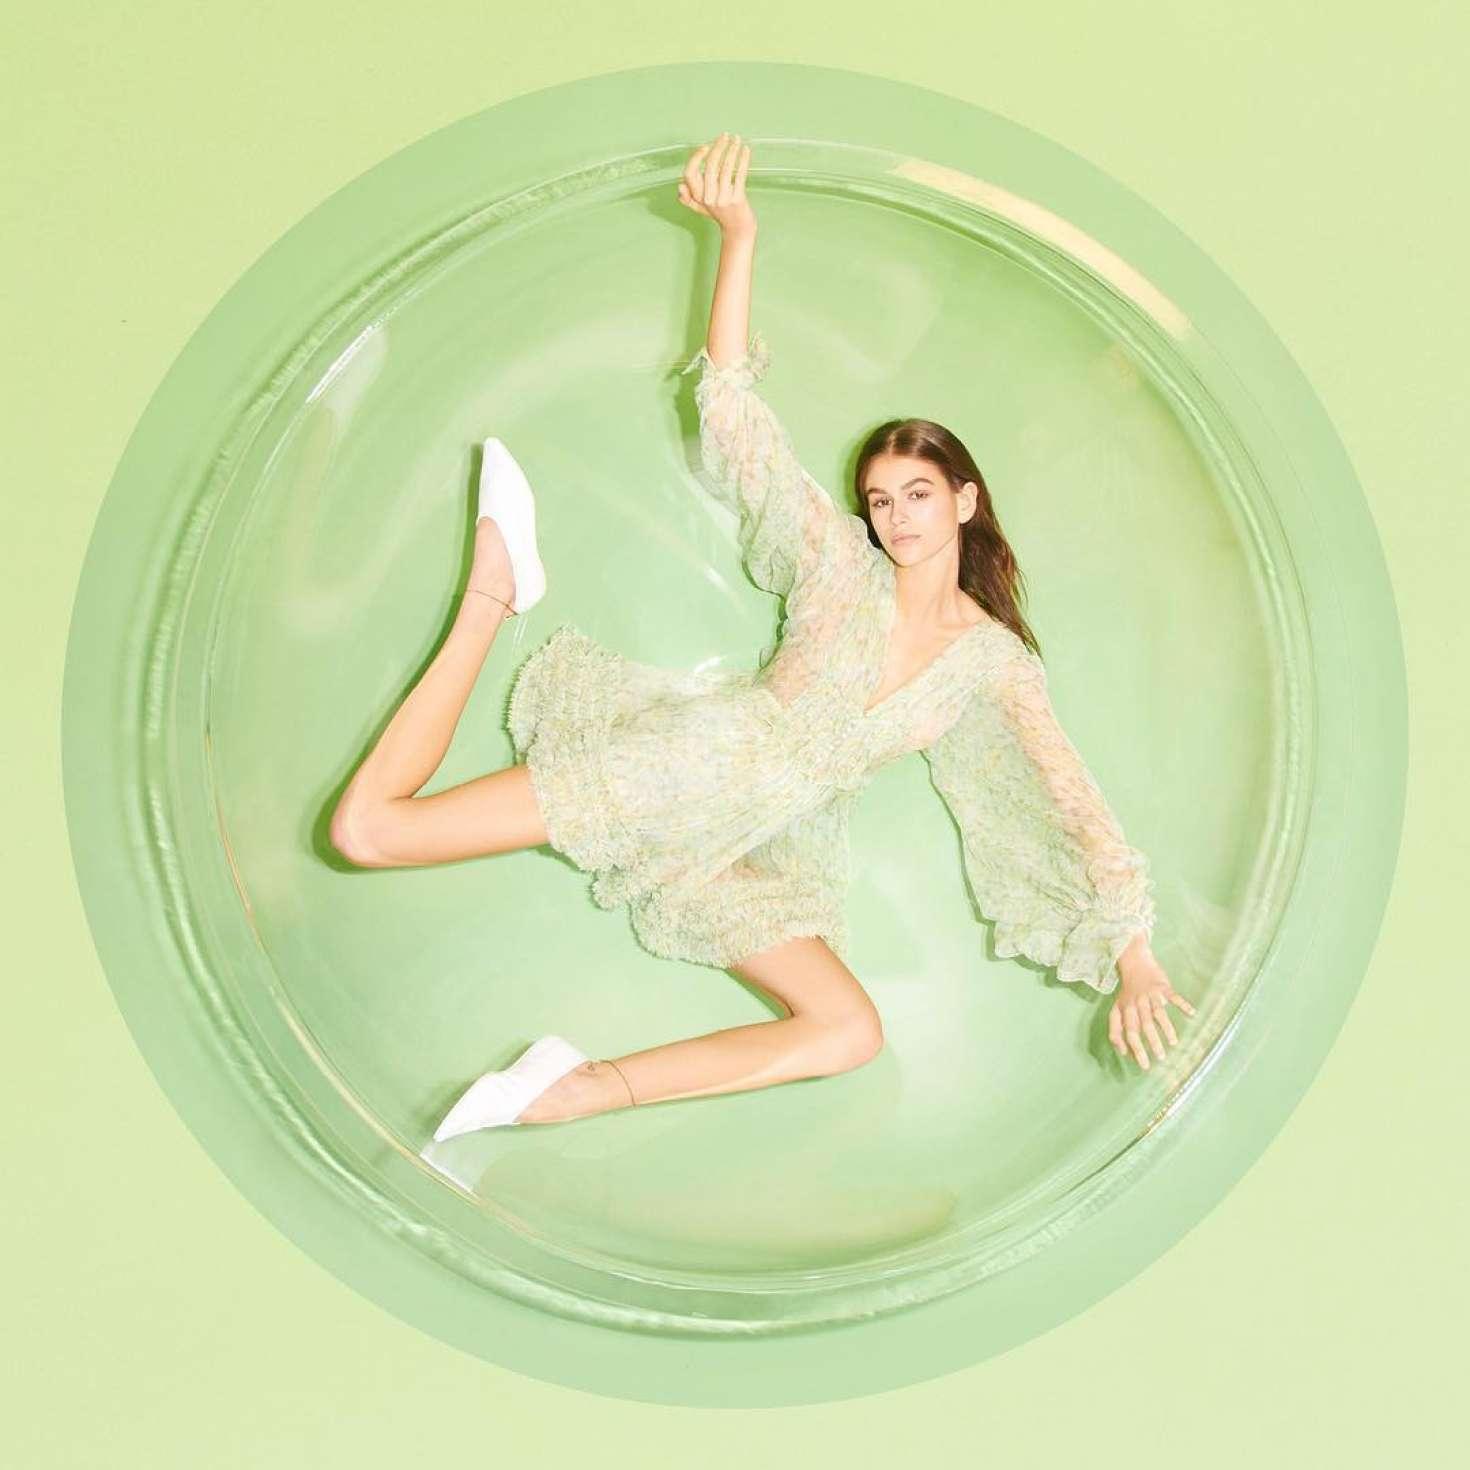 Kaia Gerber - Social Media Pics